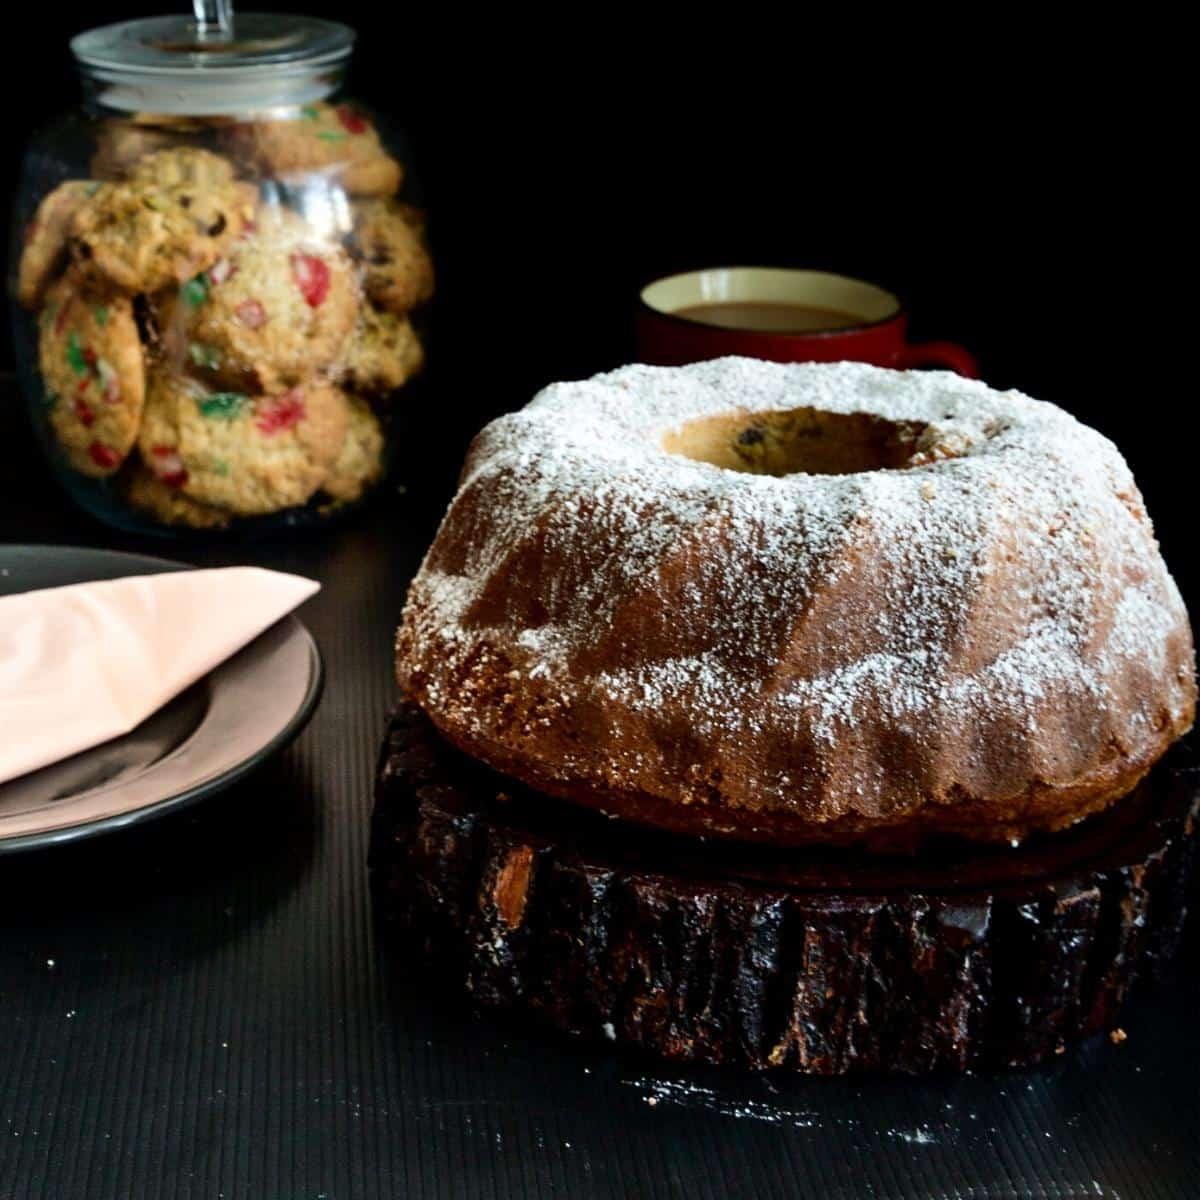 A bundt cake on a wooden board.